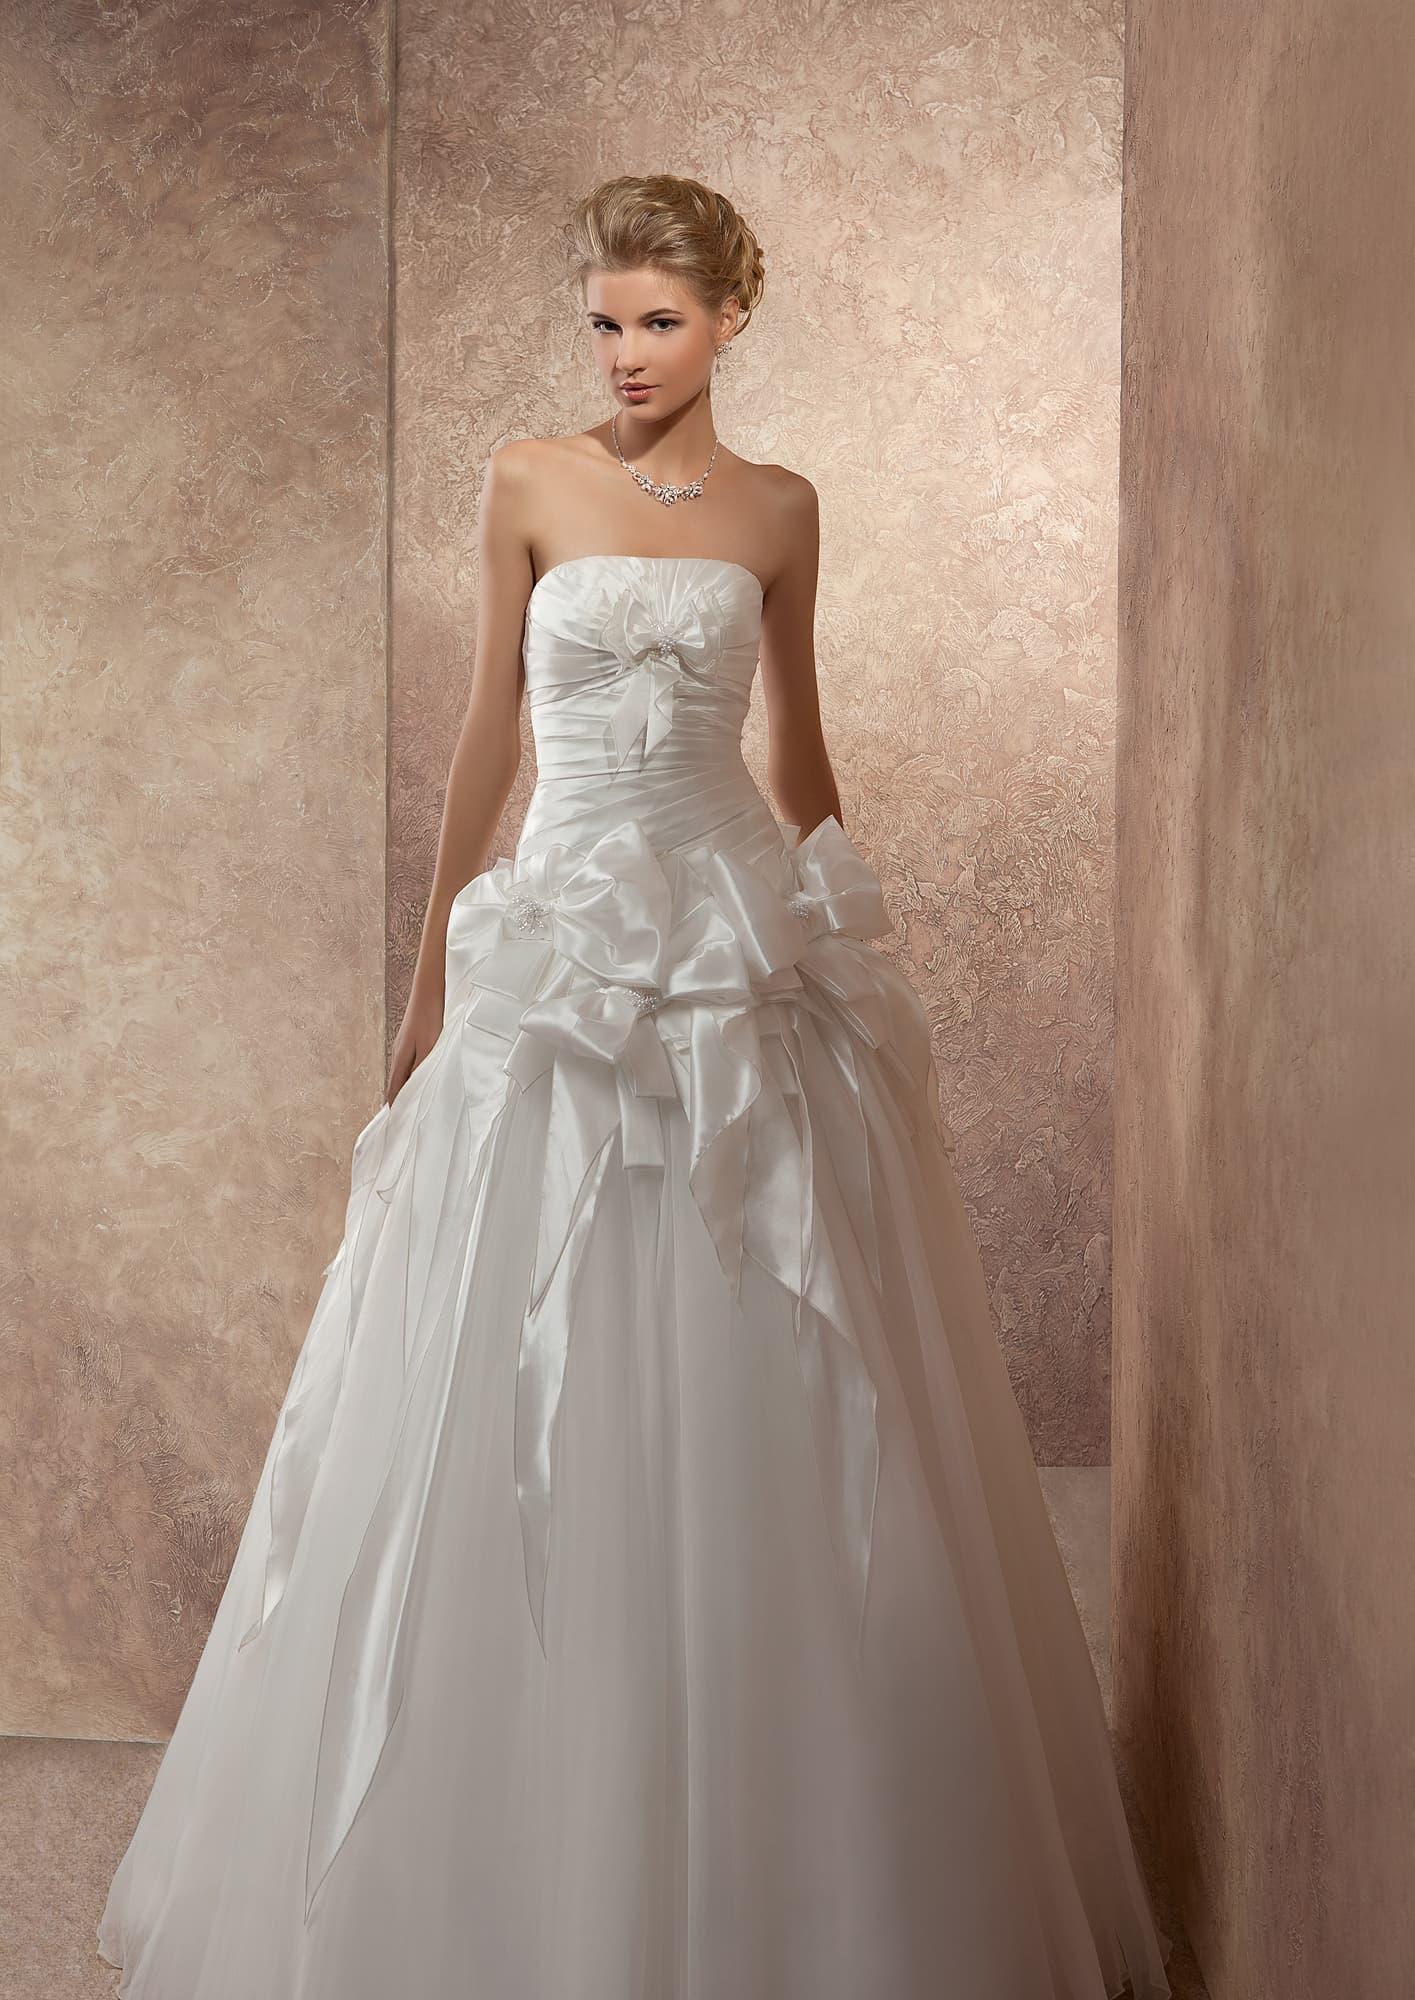 Пышное свадебное платье с объемными атласными бантами на уровне талии.